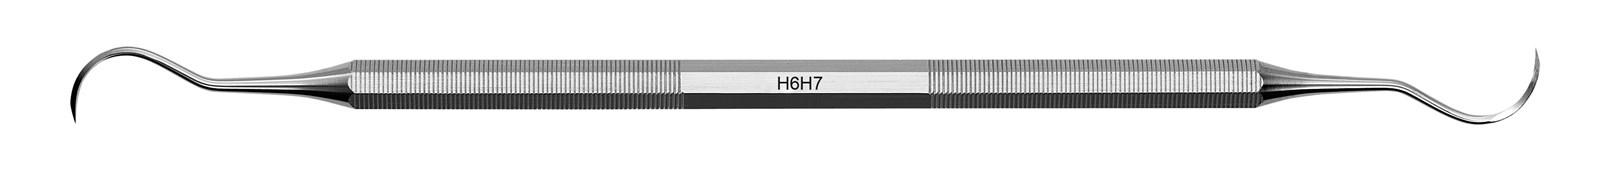 Scaler univerzální - H6H7, ADEP šedý